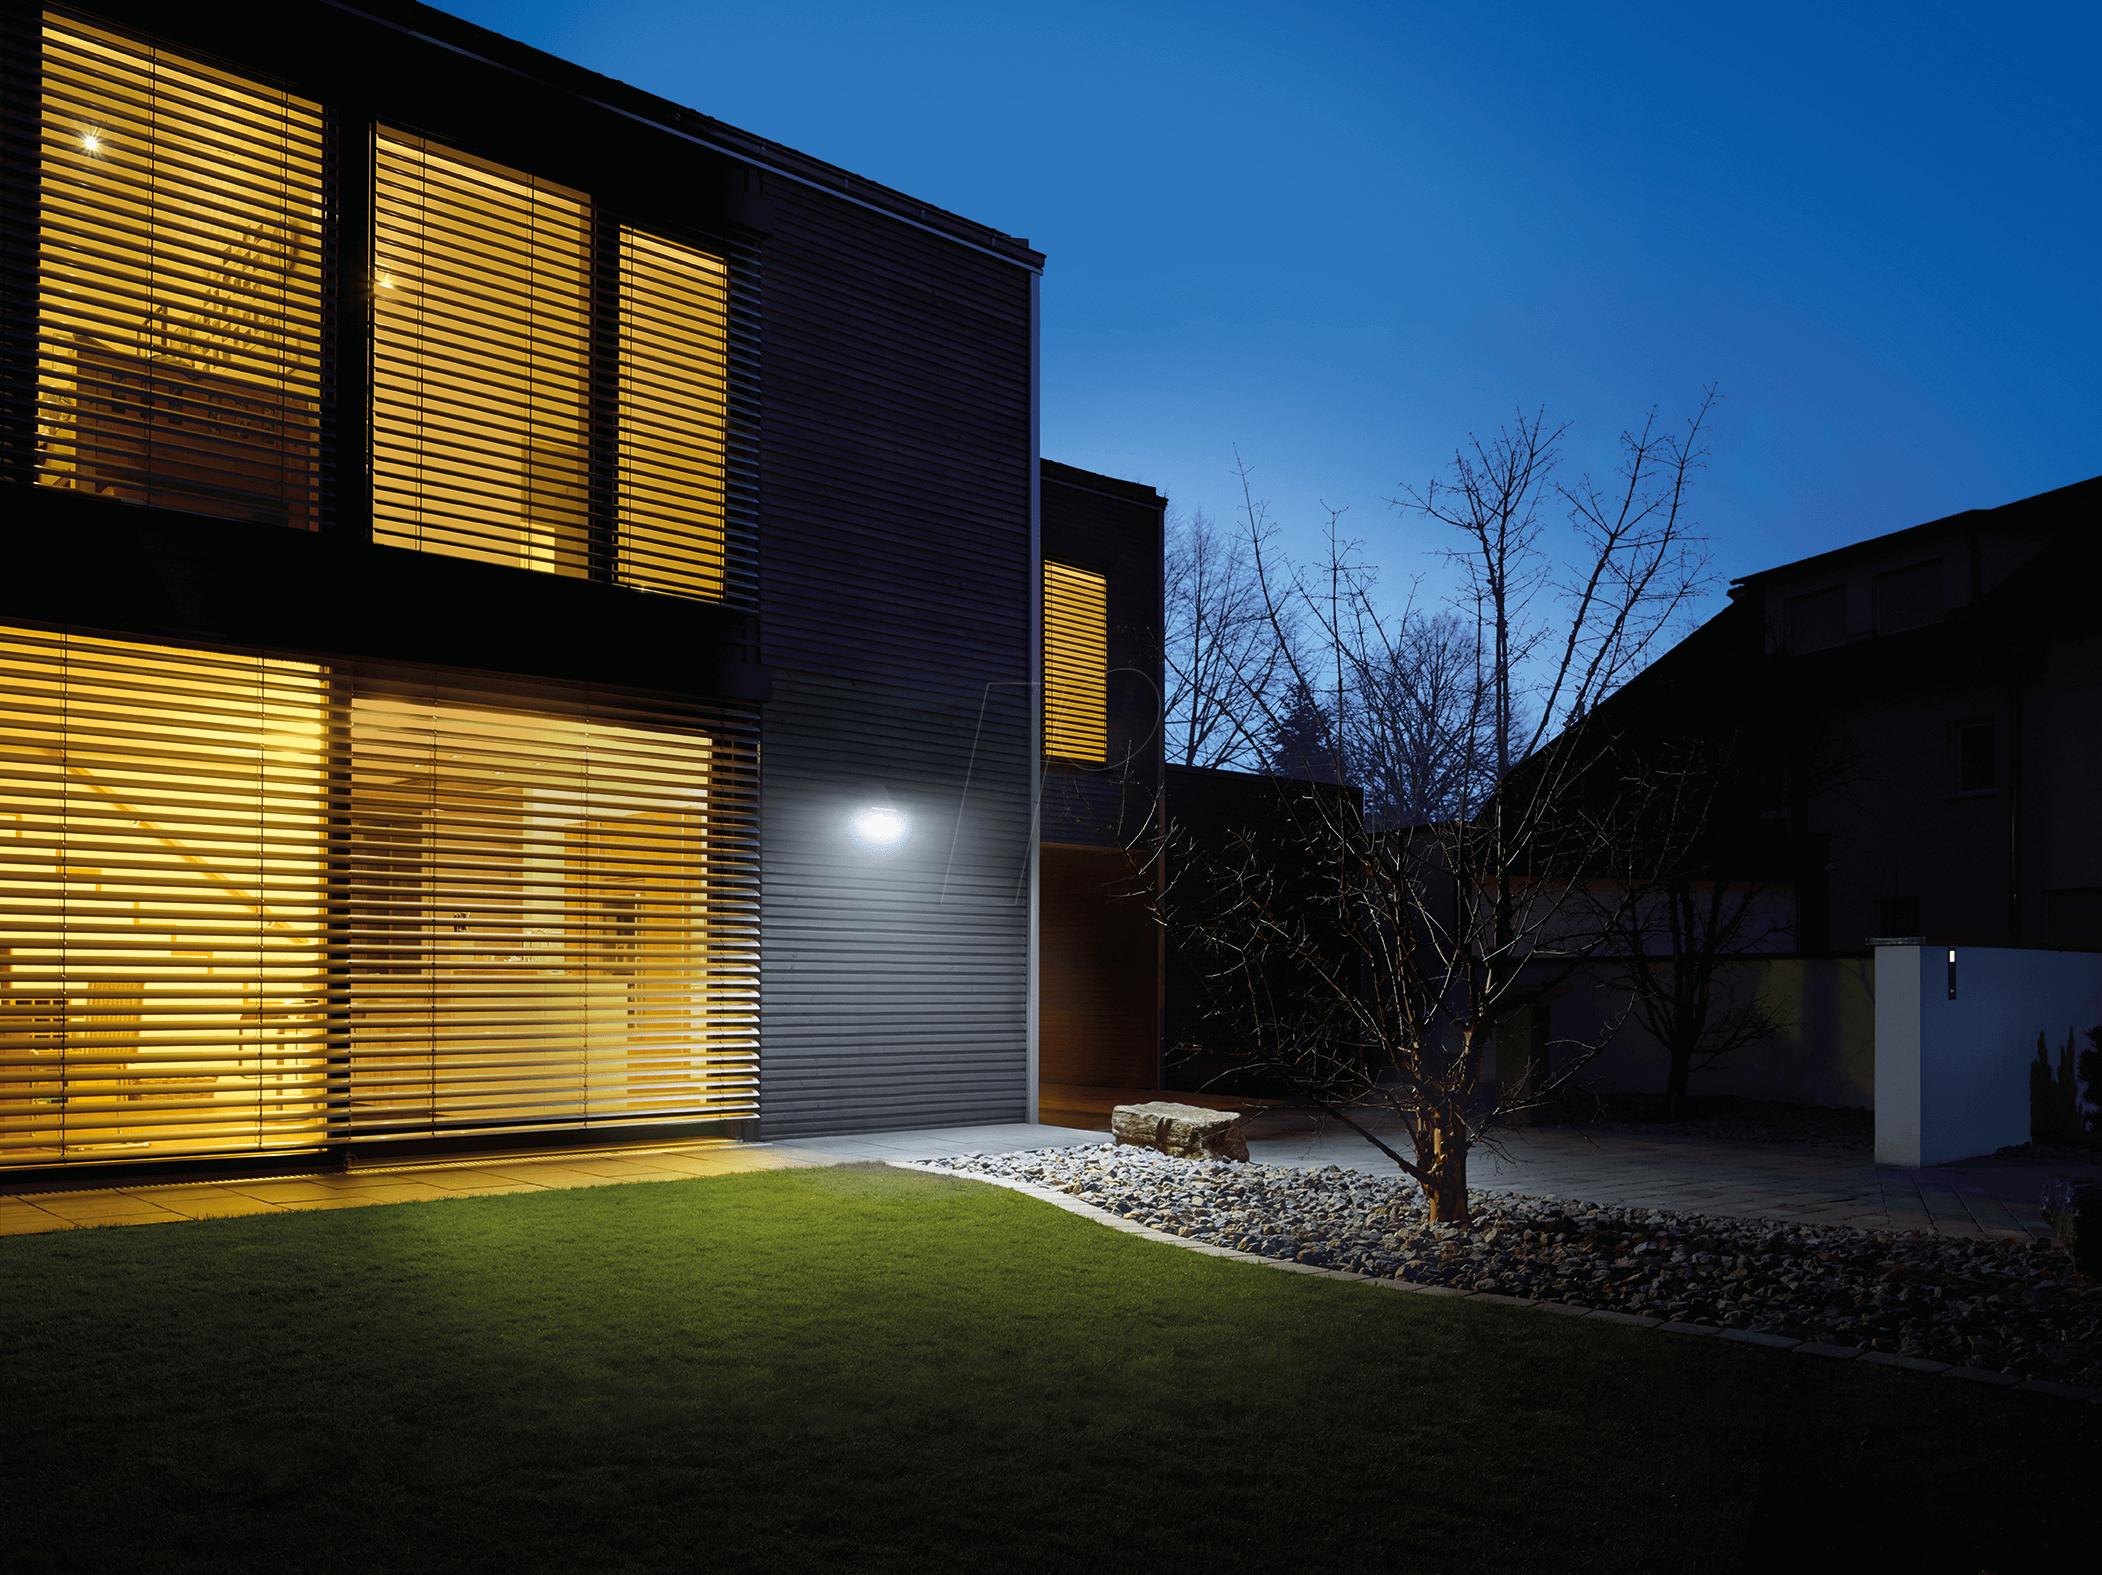 steinel 671013 led solarleuchte strahler mit bewegungsmelder xsolar l s bei reichelt elektronik. Black Bedroom Furniture Sets. Home Design Ideas